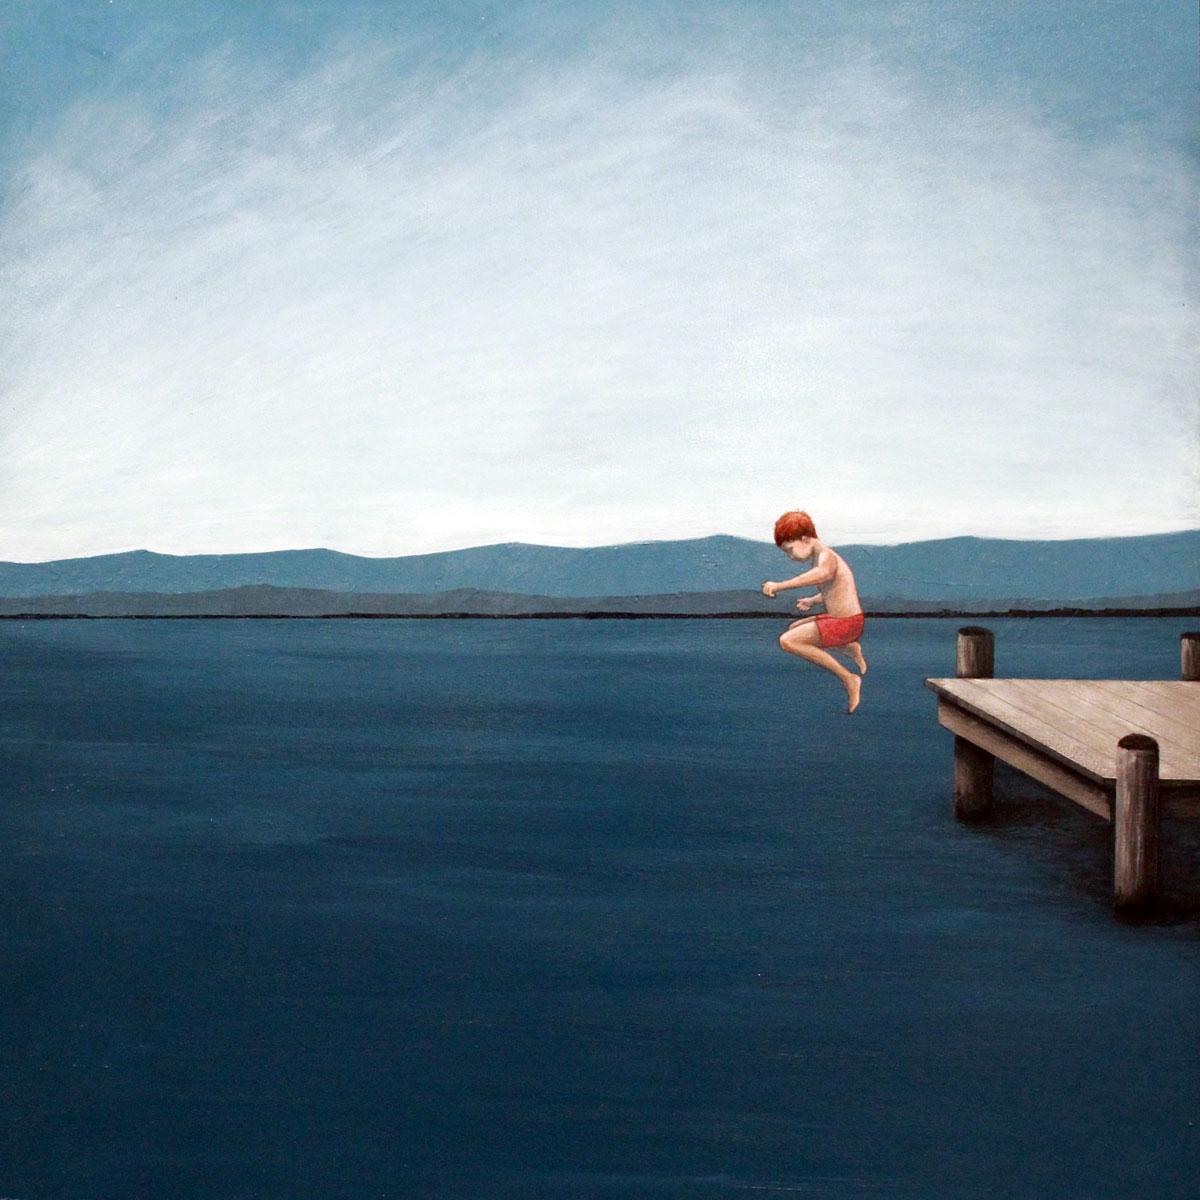 Dock Jumper by Samuel Walker